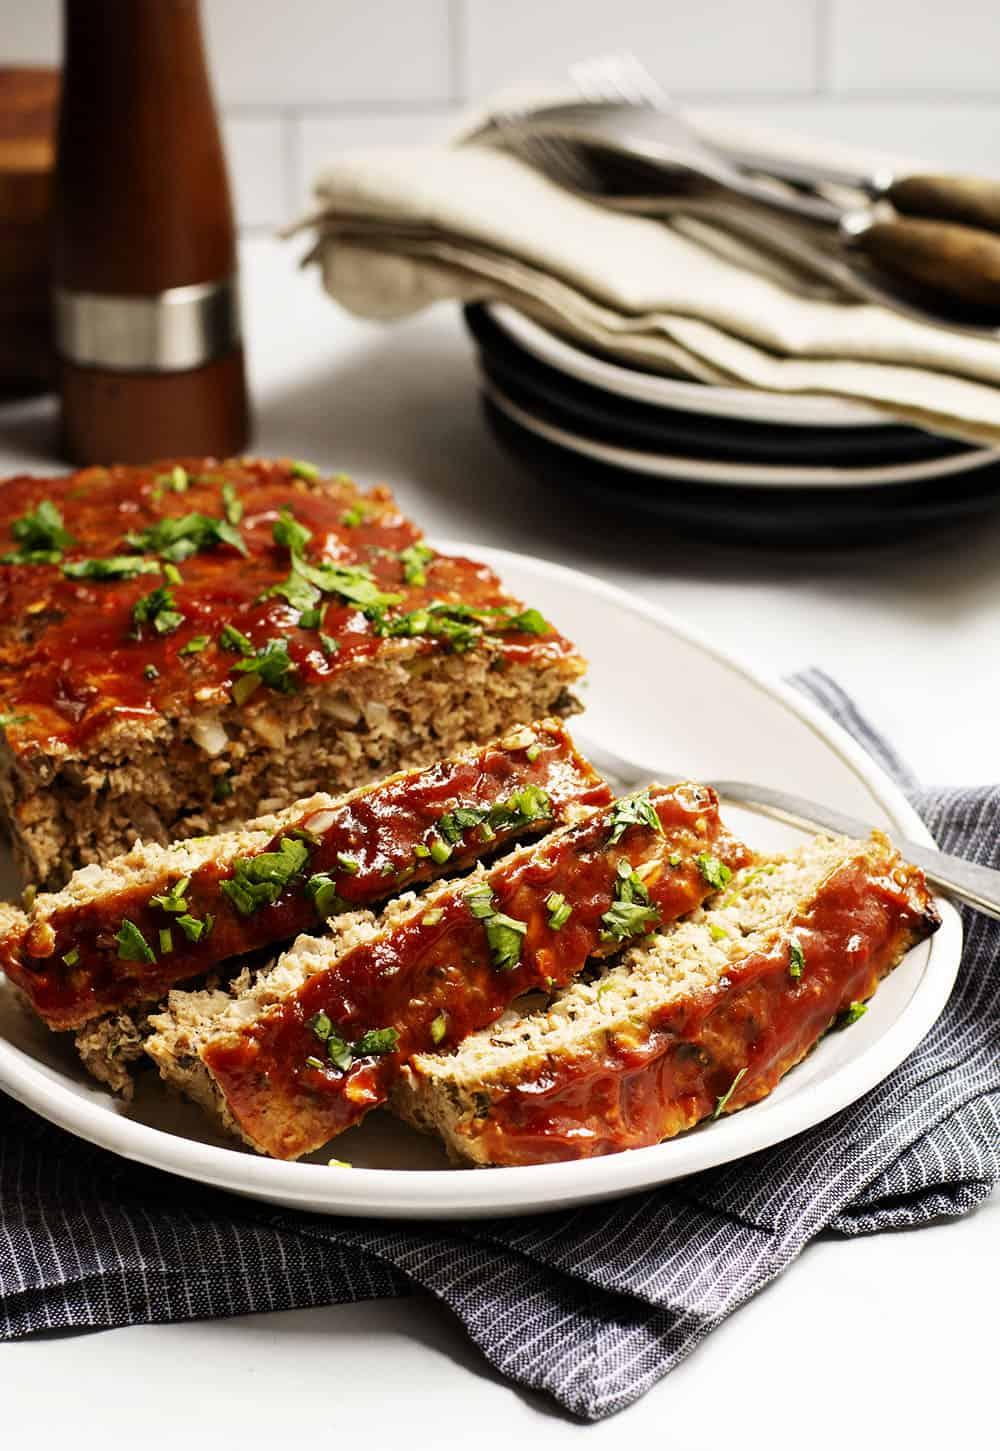 Turkey-Meatloaf-Sliced-on-a-White-Platter